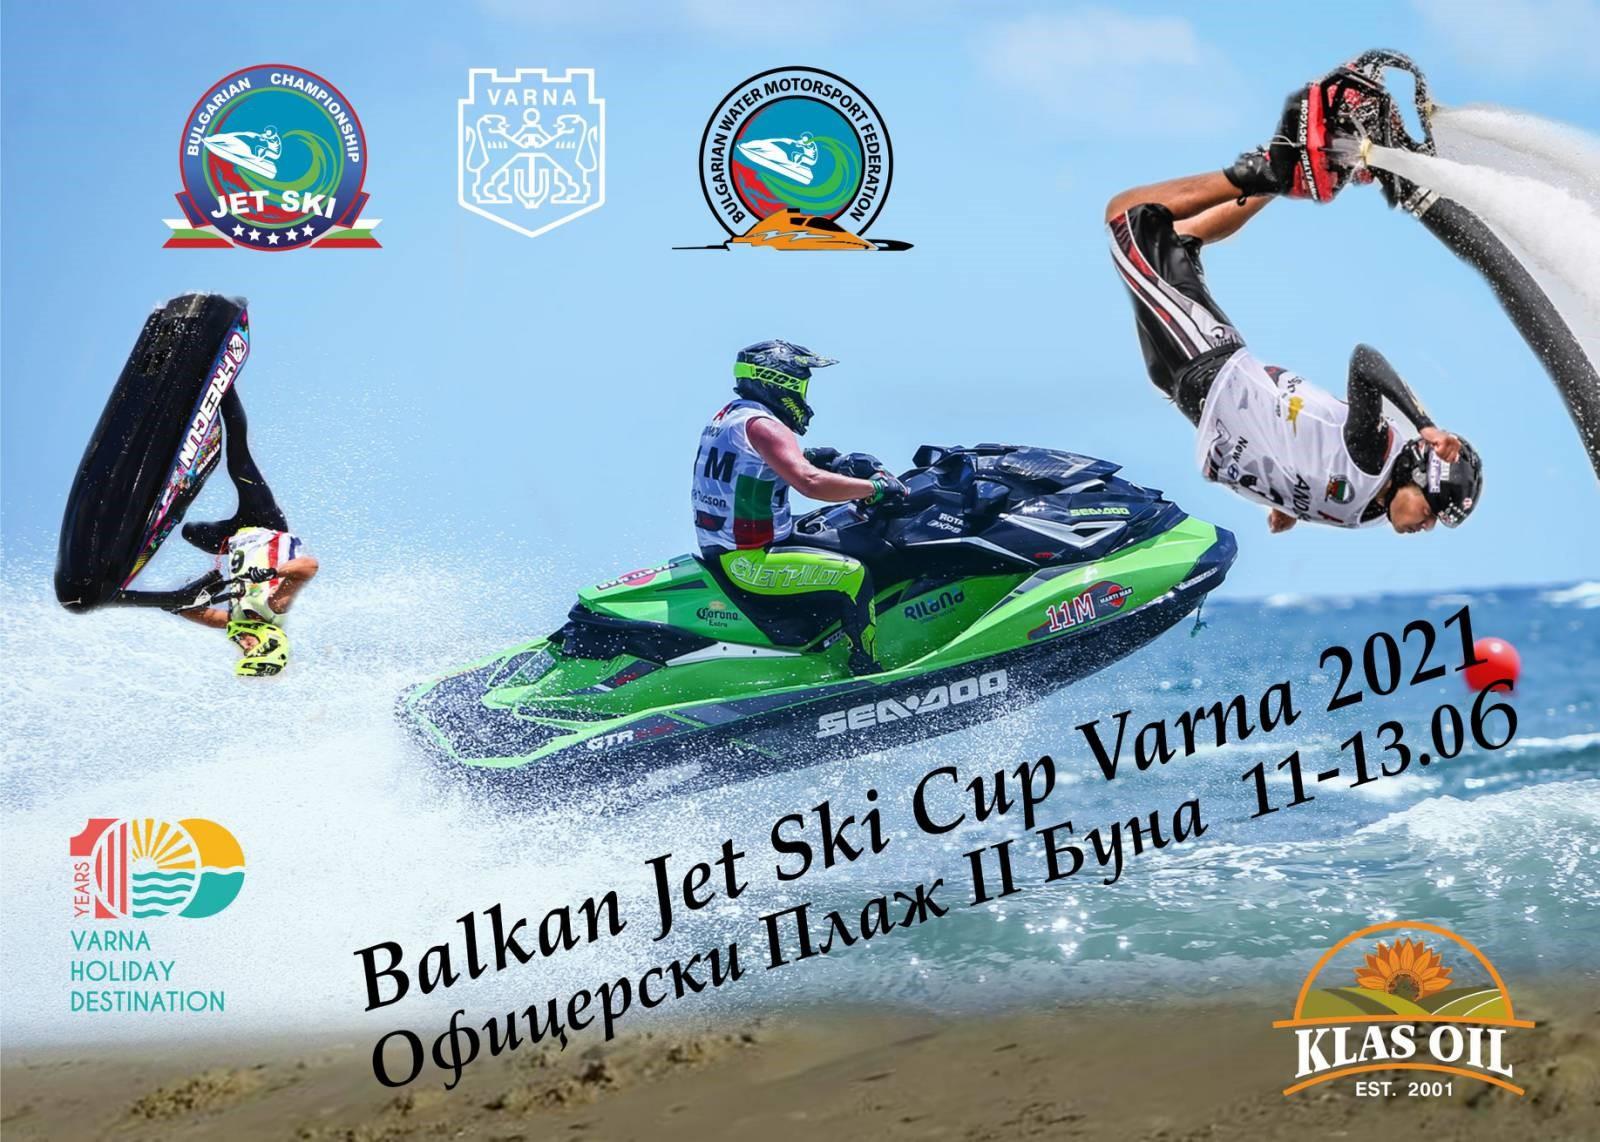 Воден фест и състезание с джетове във Варна